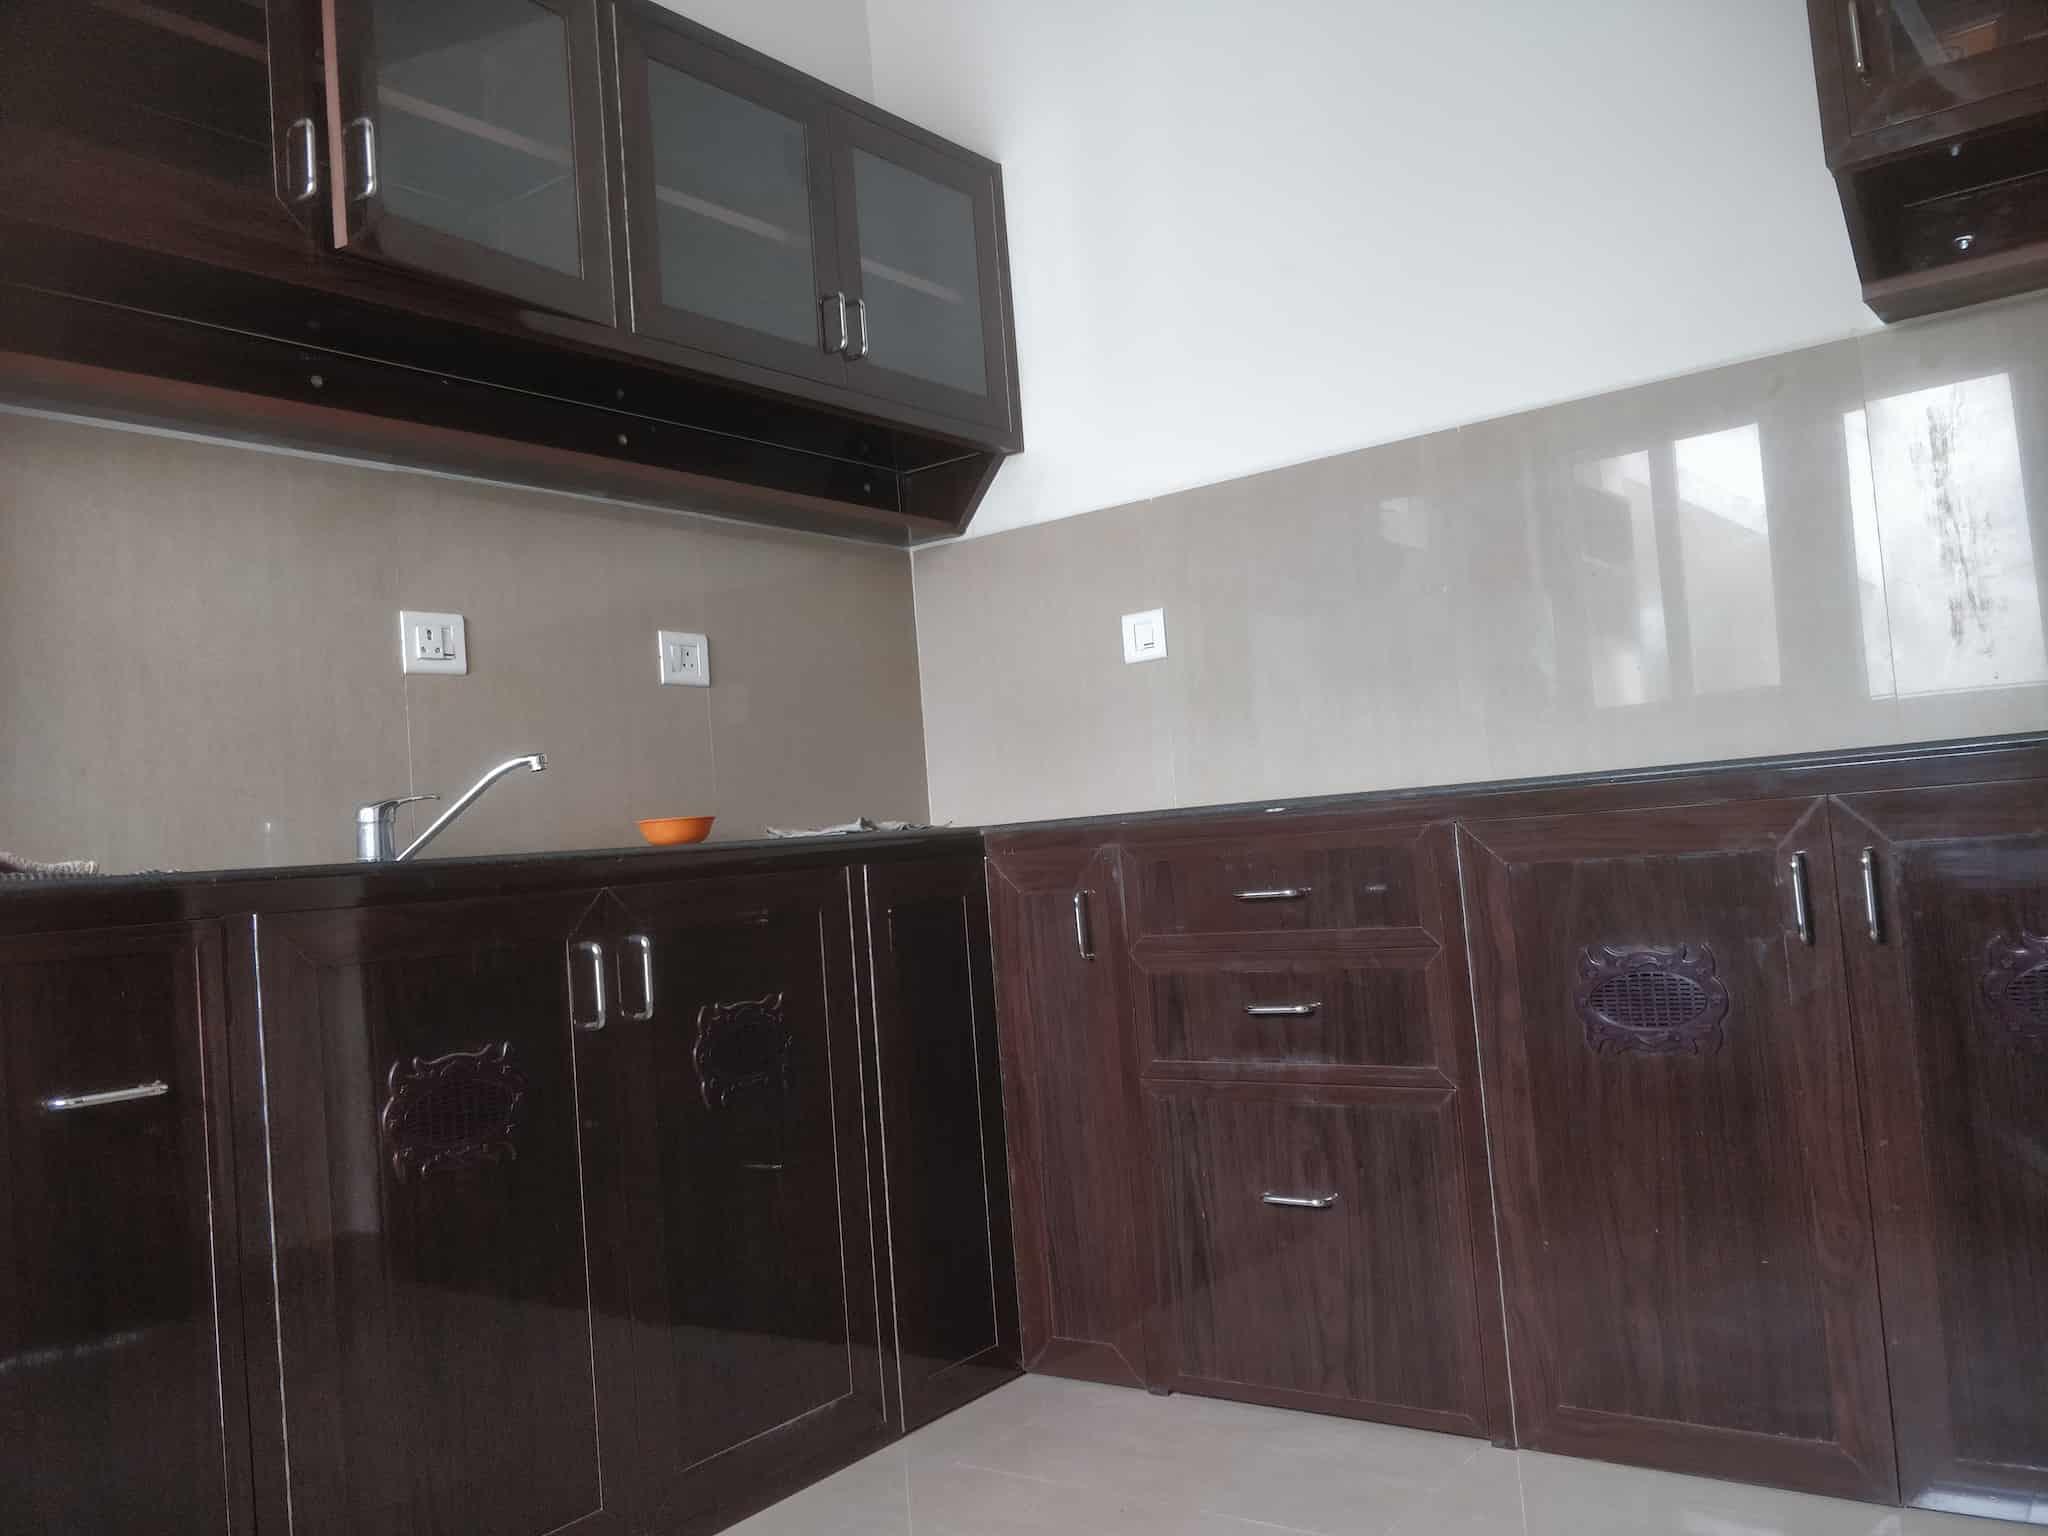 Top 30 Pvc Modular Kitchen Wholesalers In Adyar Best Pvc Modular Kitchen Wholesalers Chennai Justdial